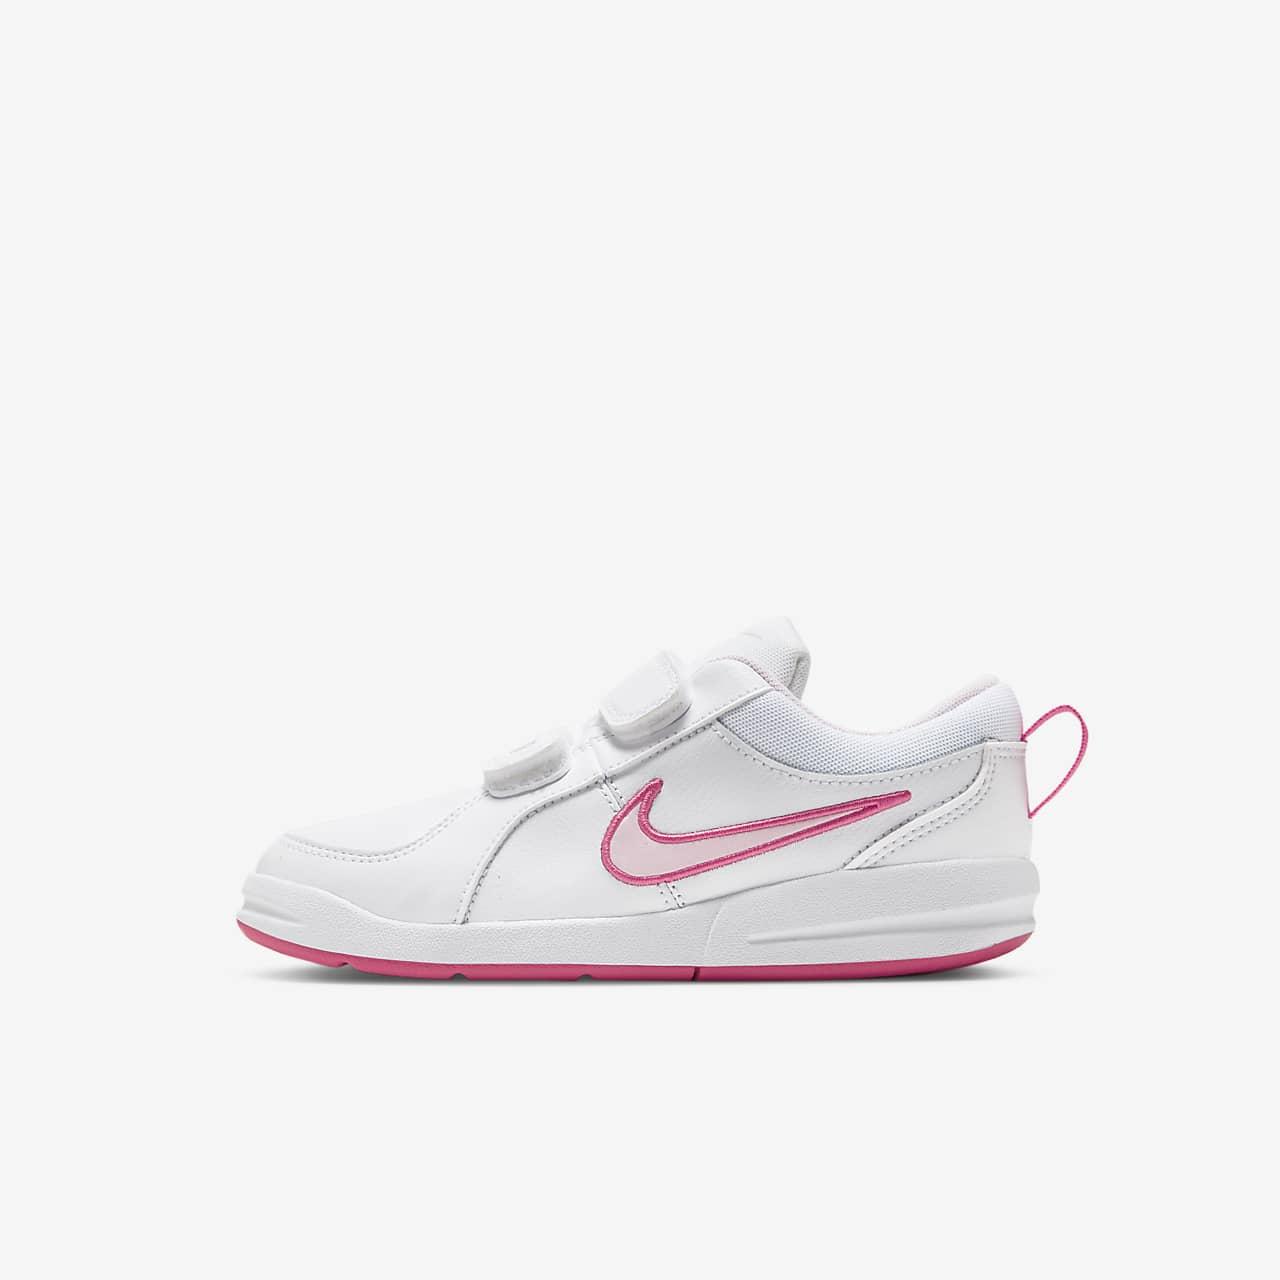 finest selection d6a70 6d46e ... Nike Pico 4 Zapatillas - Chicas pequeñas